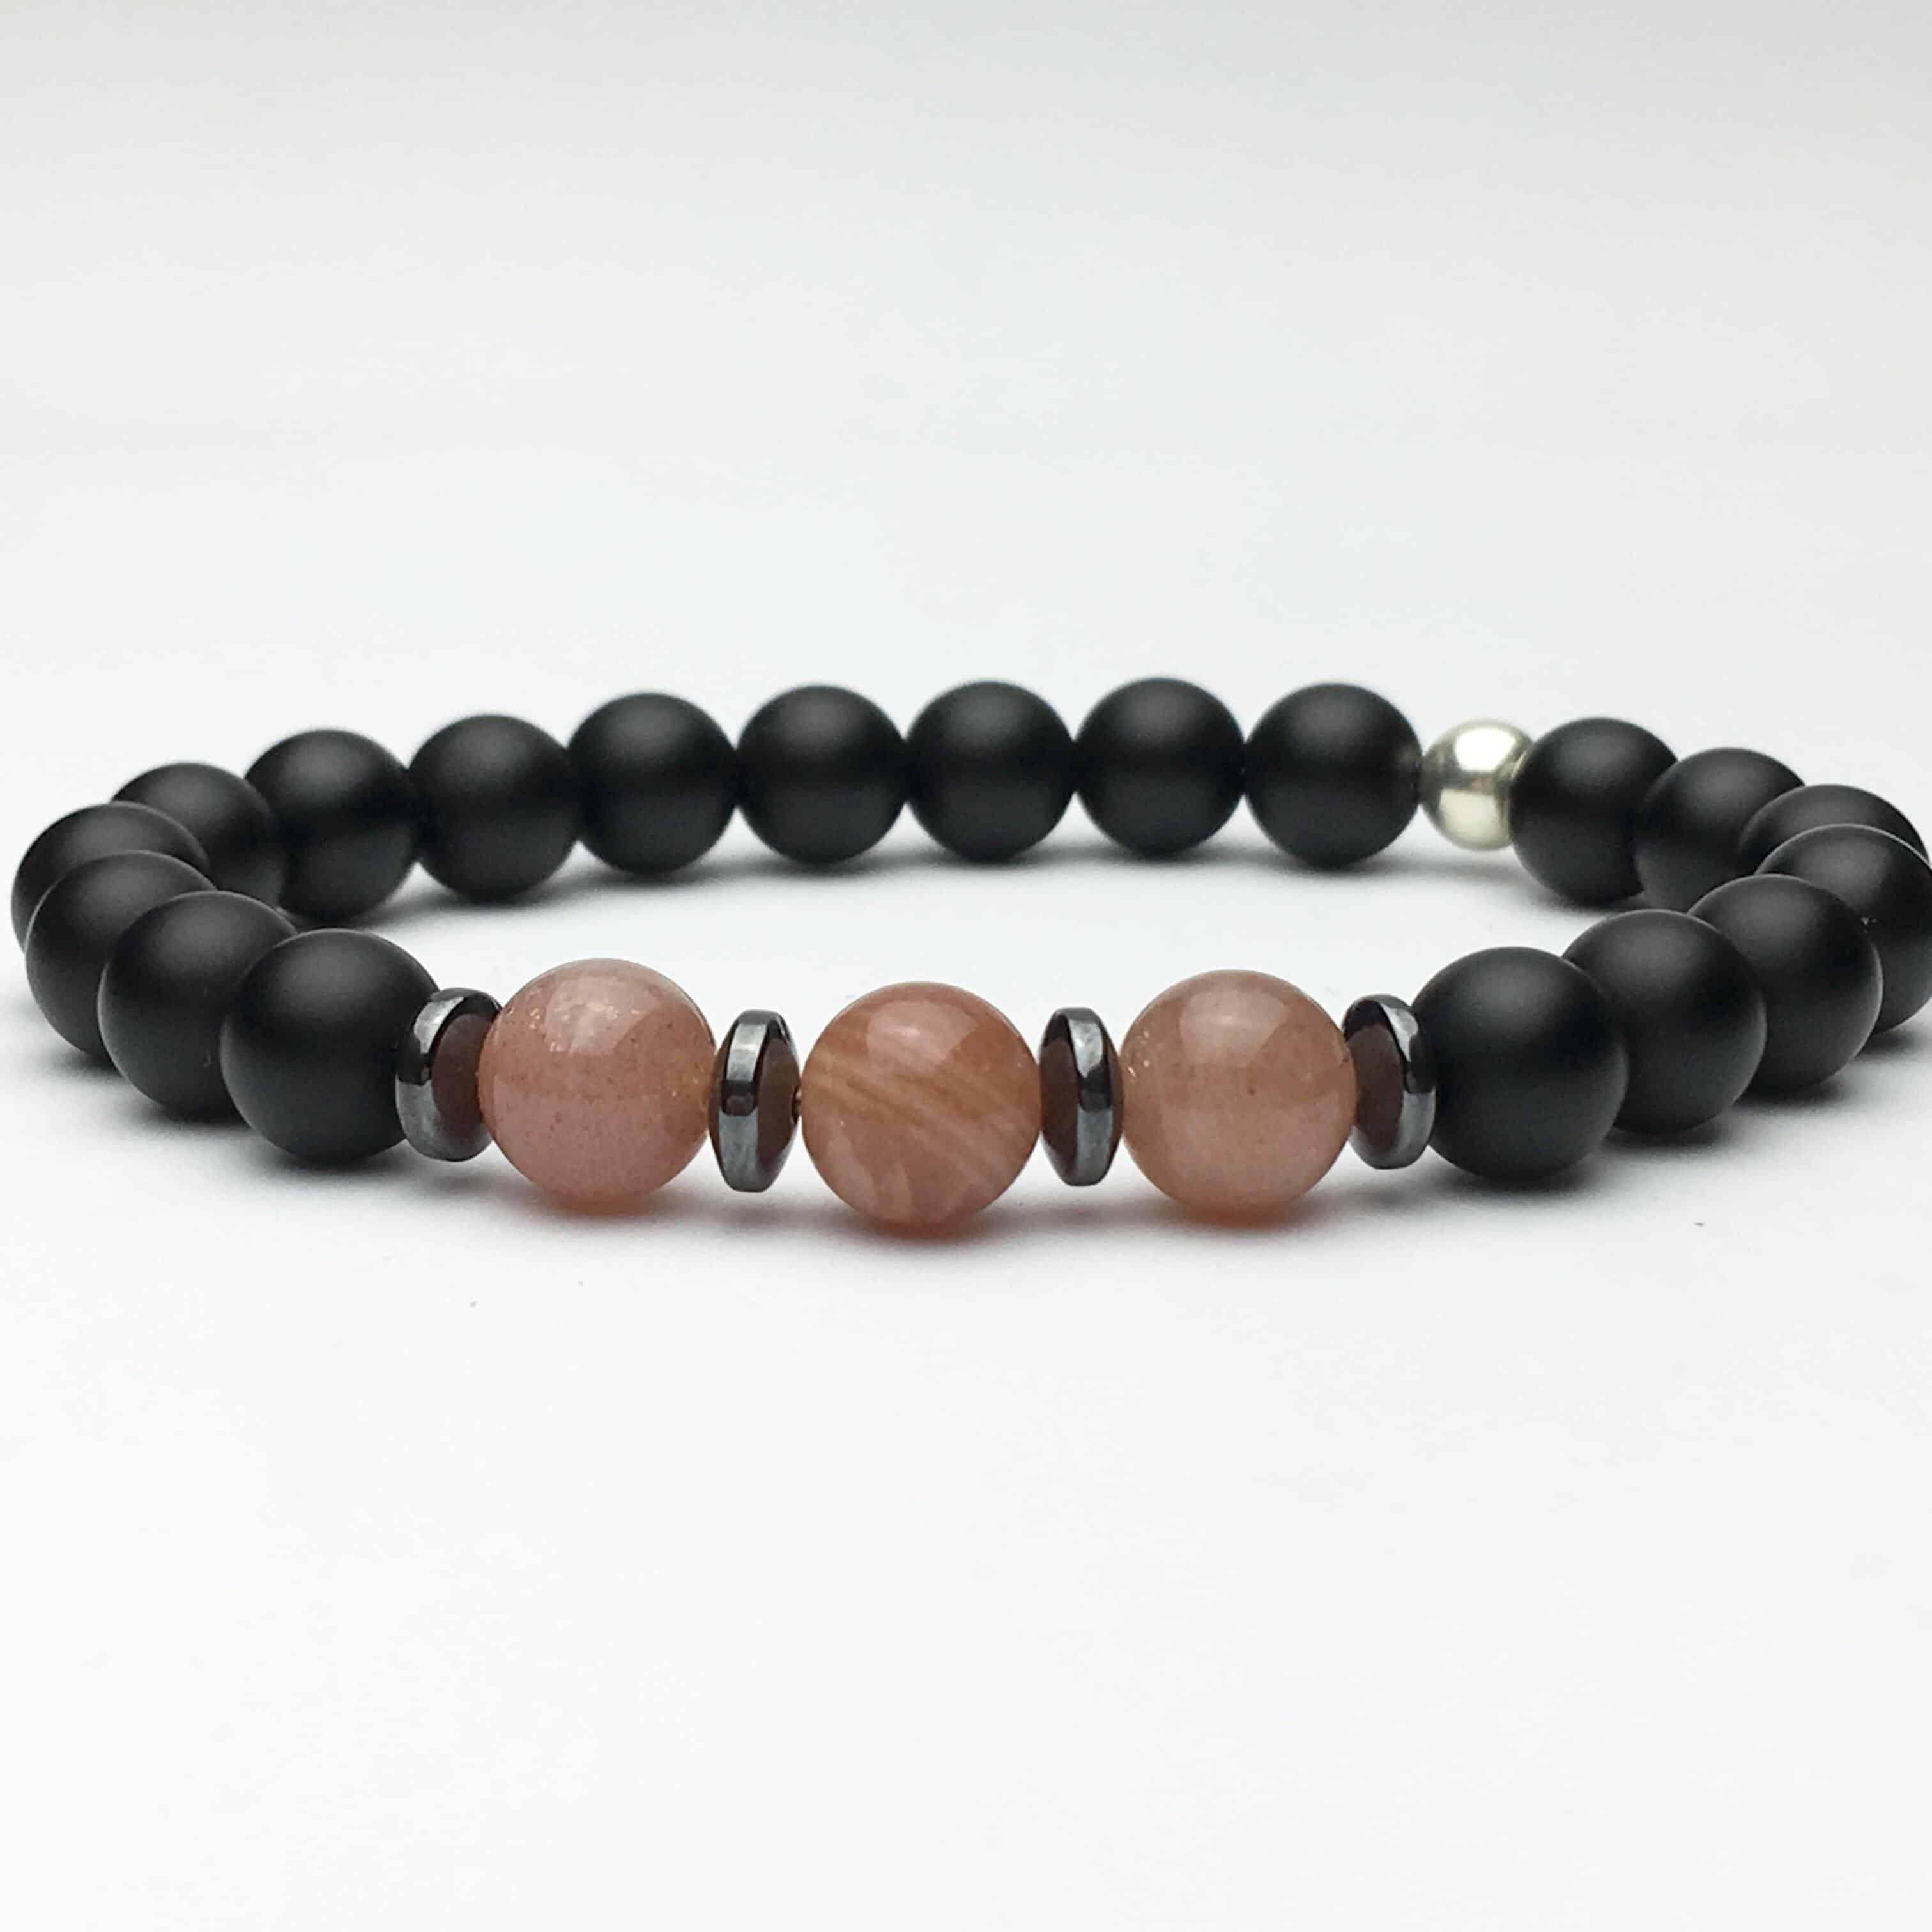 Onyx and Sunstone Stylish Bracelet